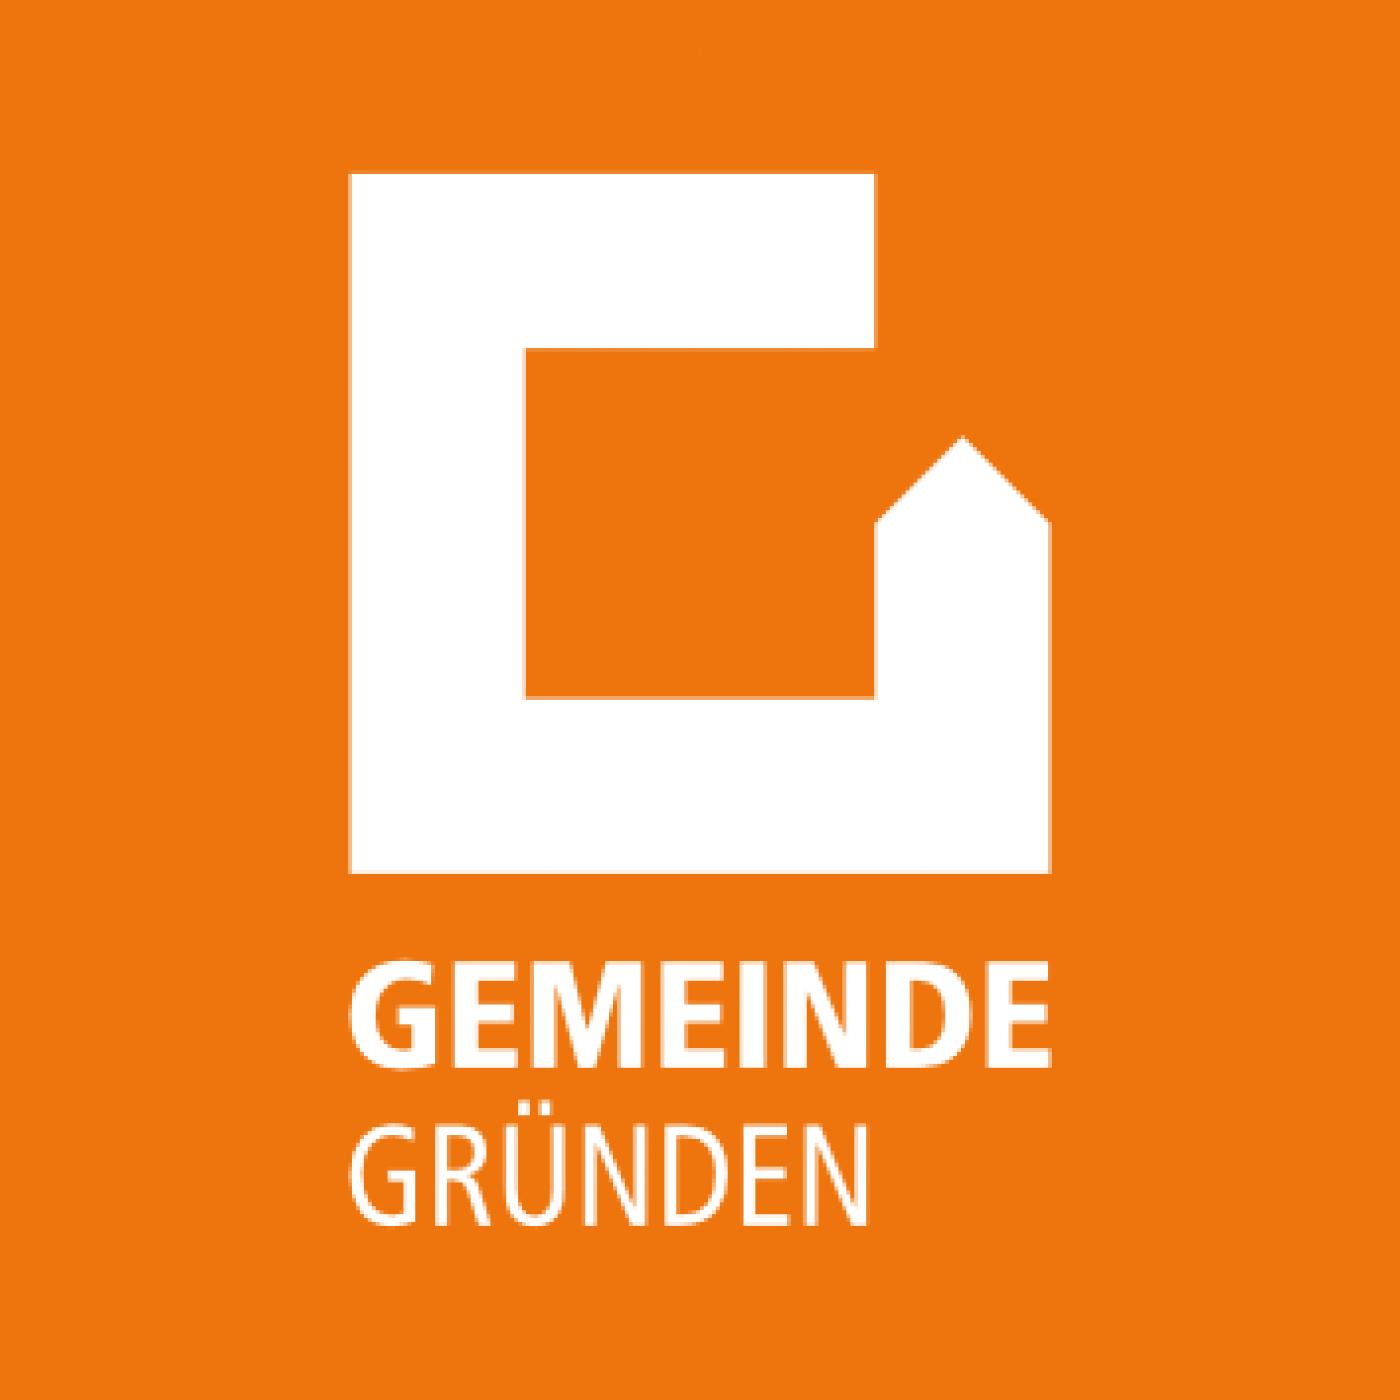 Gemeinde_RGB_354x354